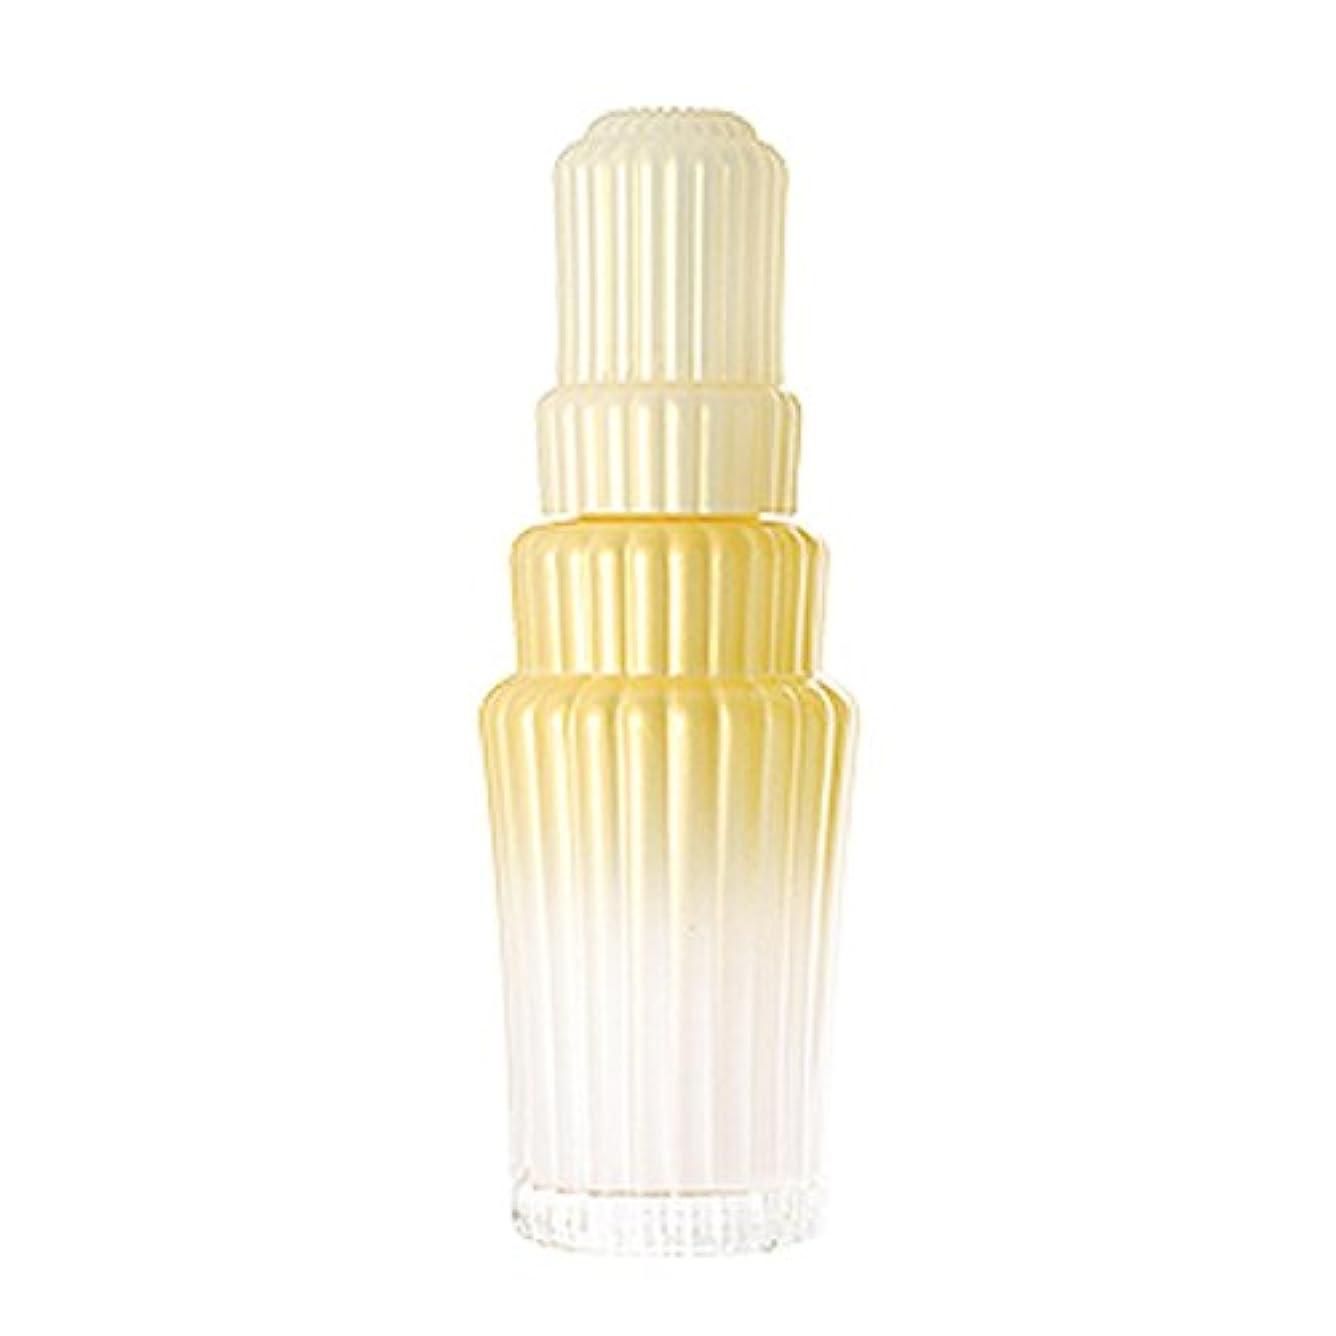 倒産つらい愛アユーラ (AYURA) モイスチャライジングプライマー オーバードライ W (医薬部外品) 100mL 〈美白化粧液〉 濃密乾燥ケア うるおい アロマティックハーブの香り